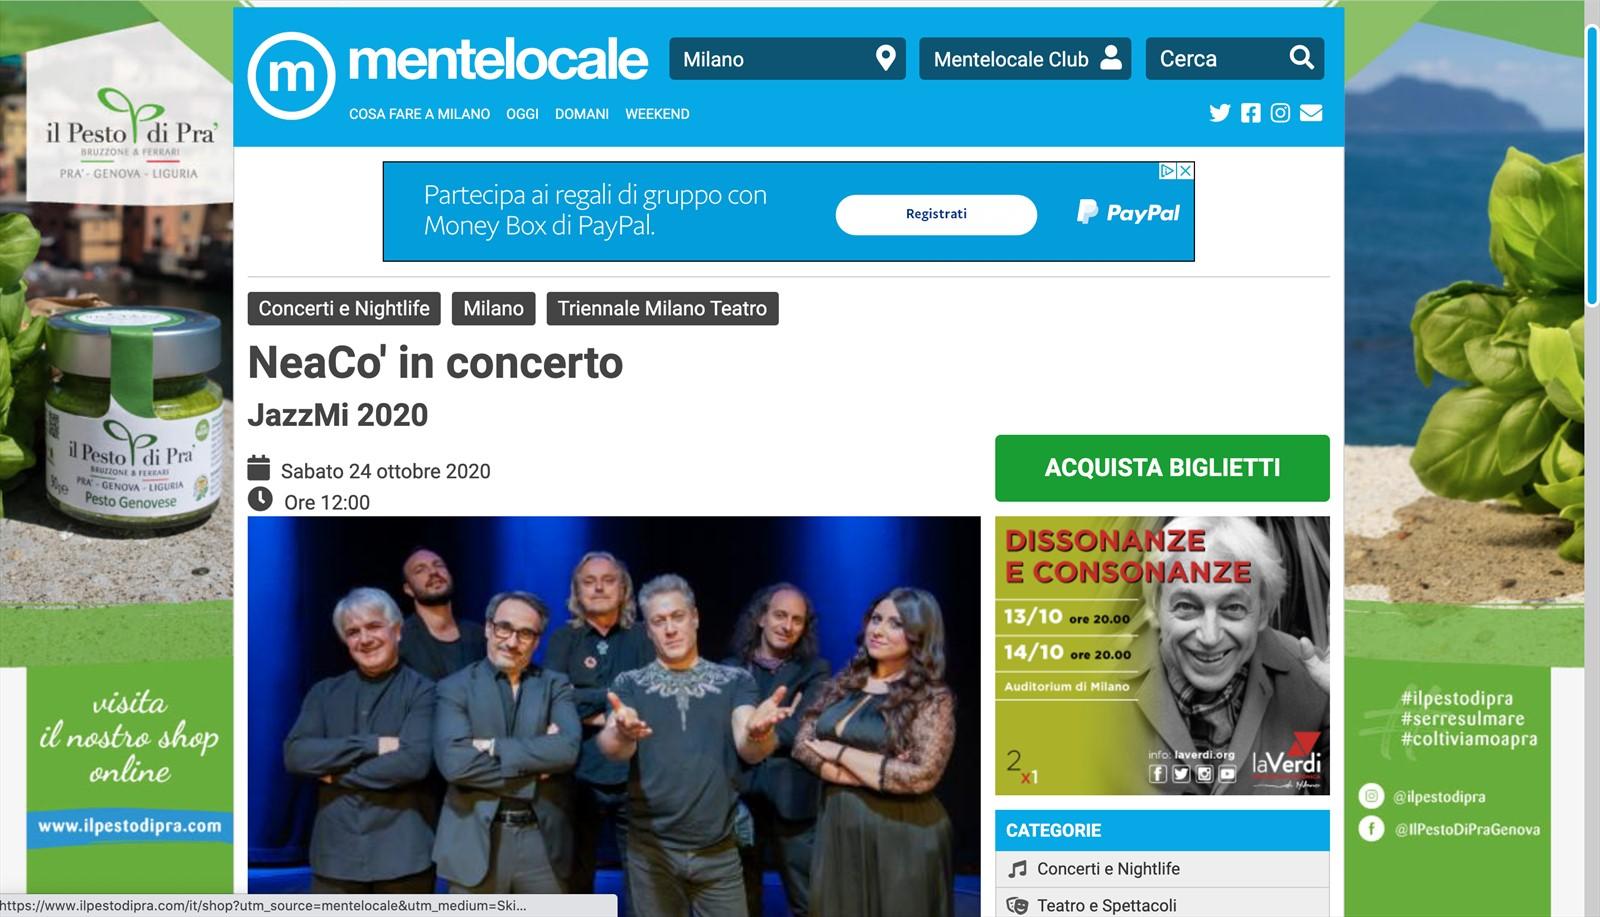 NeaCo' in concerto, ora anche su Mentelocale